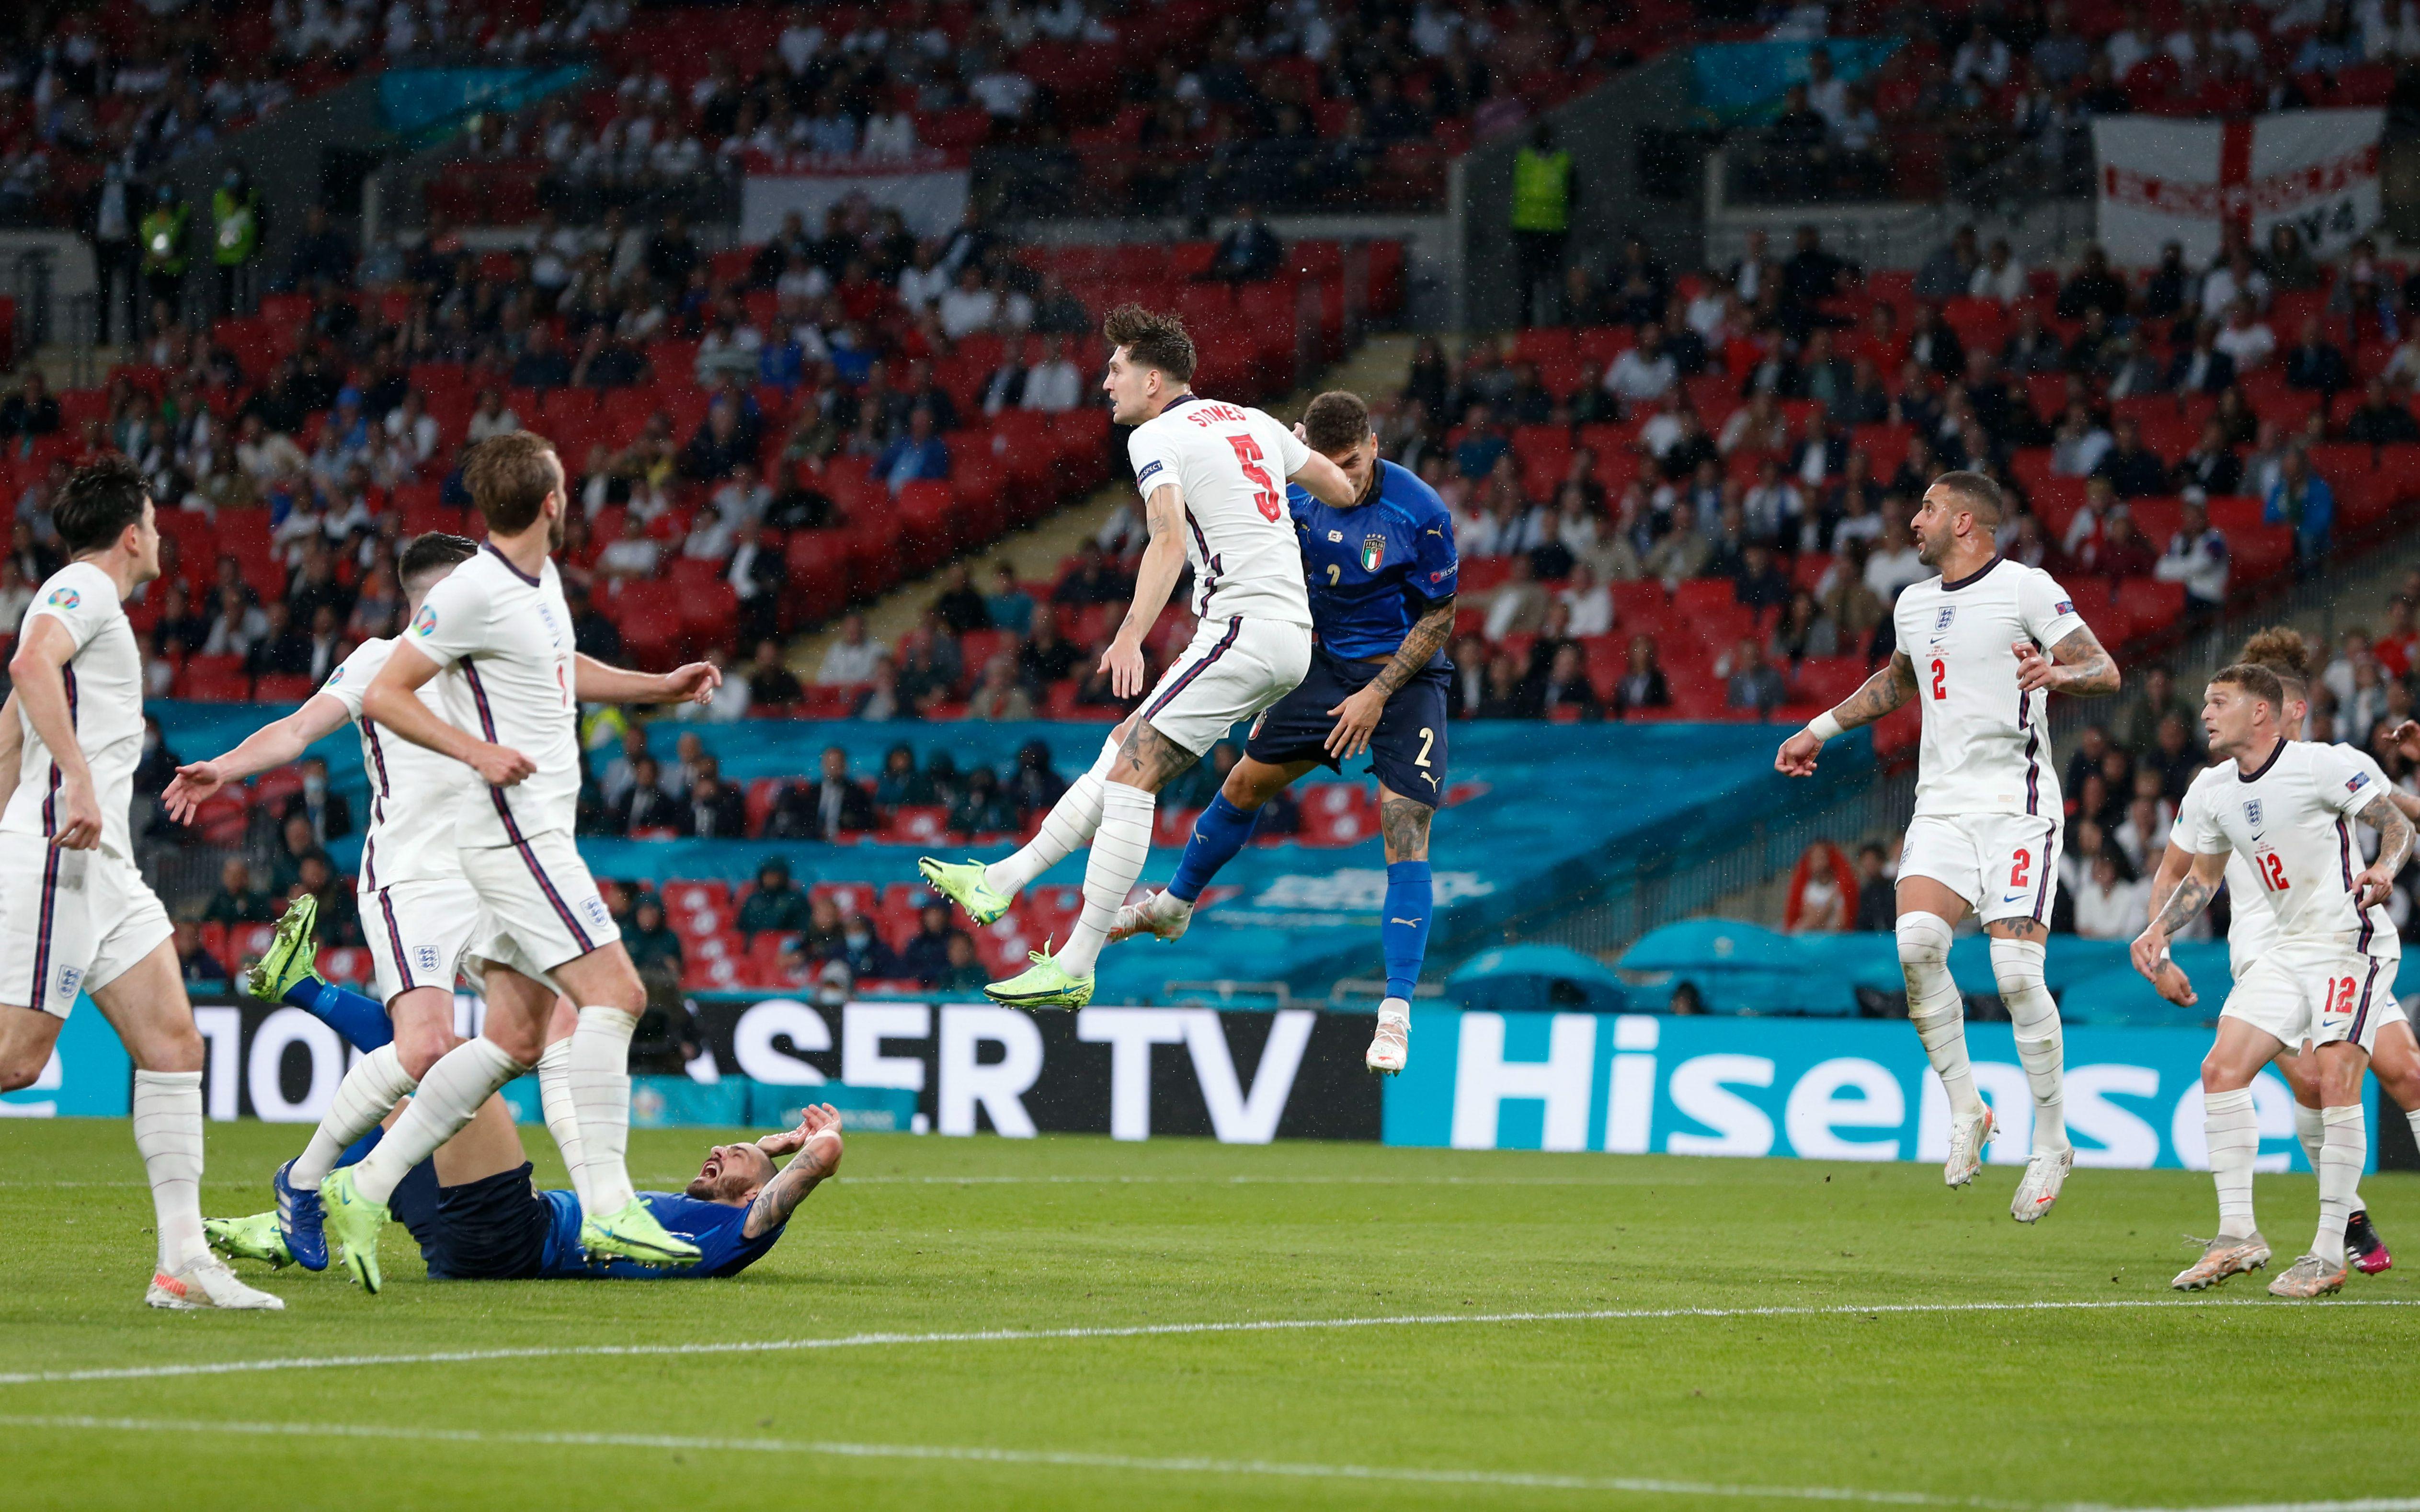 英格兰队在家门口丢掉了冠军。